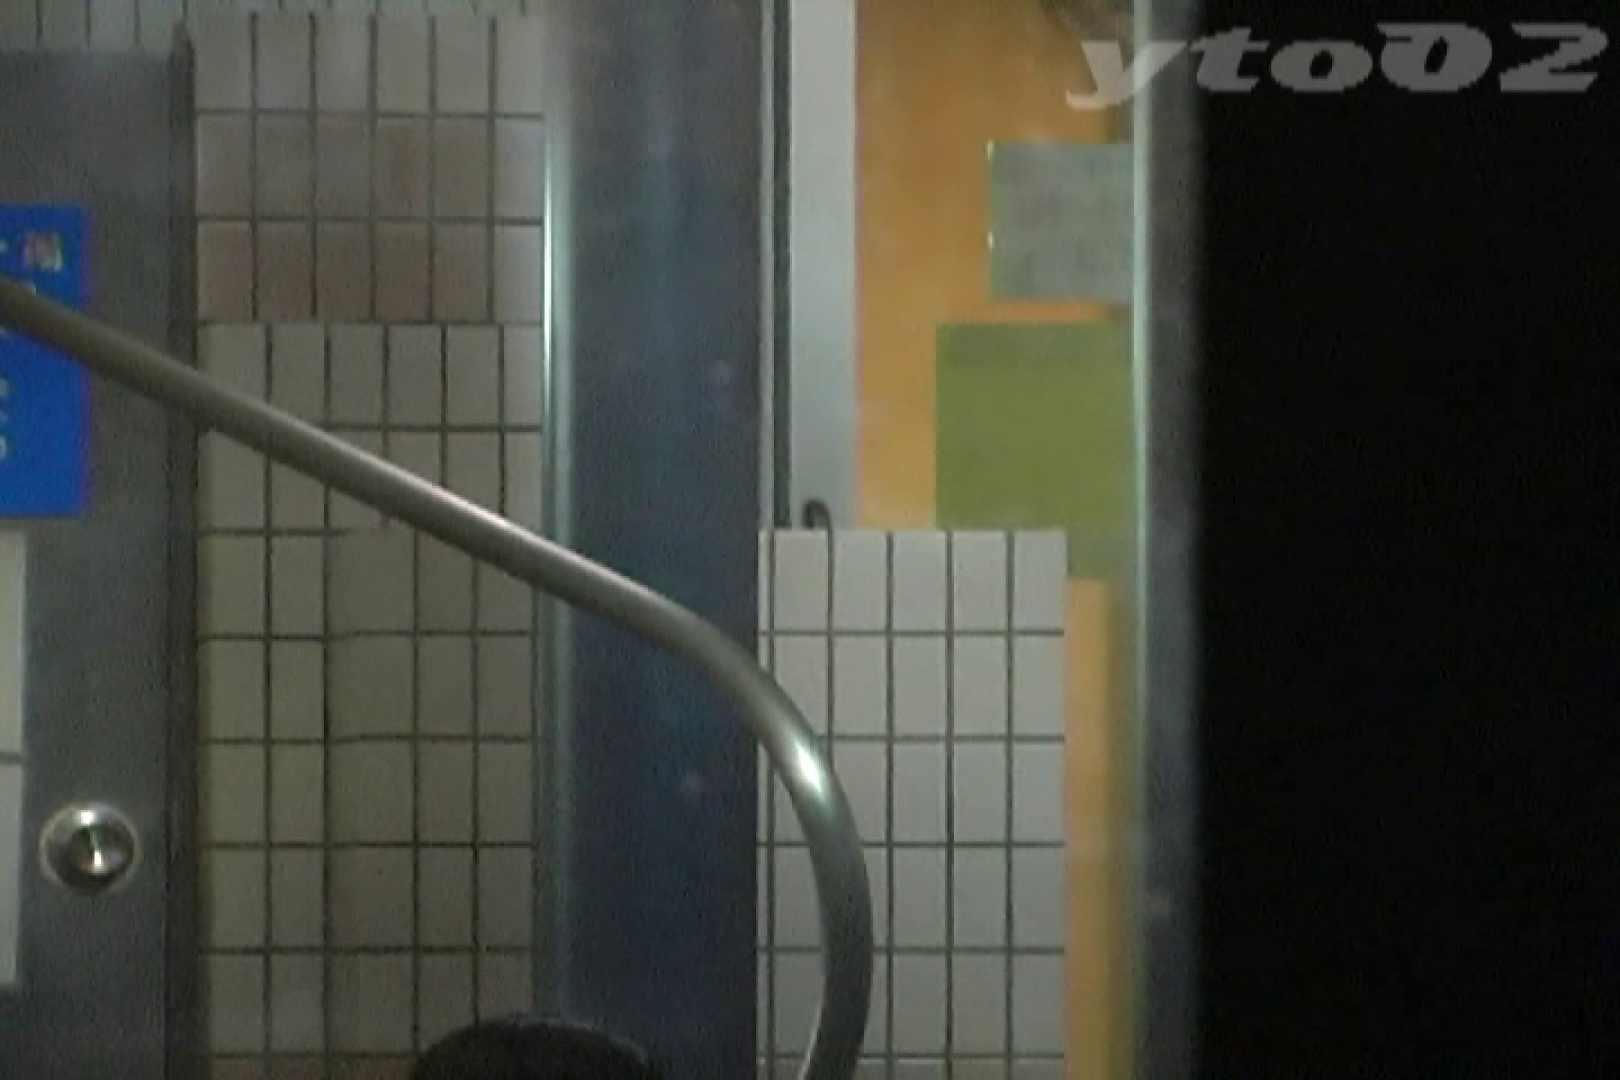 【期間限定配信】合宿ホテル女風呂盗撮 Vol.15 女風呂 おまんこ無修正動画無料 106画像 102